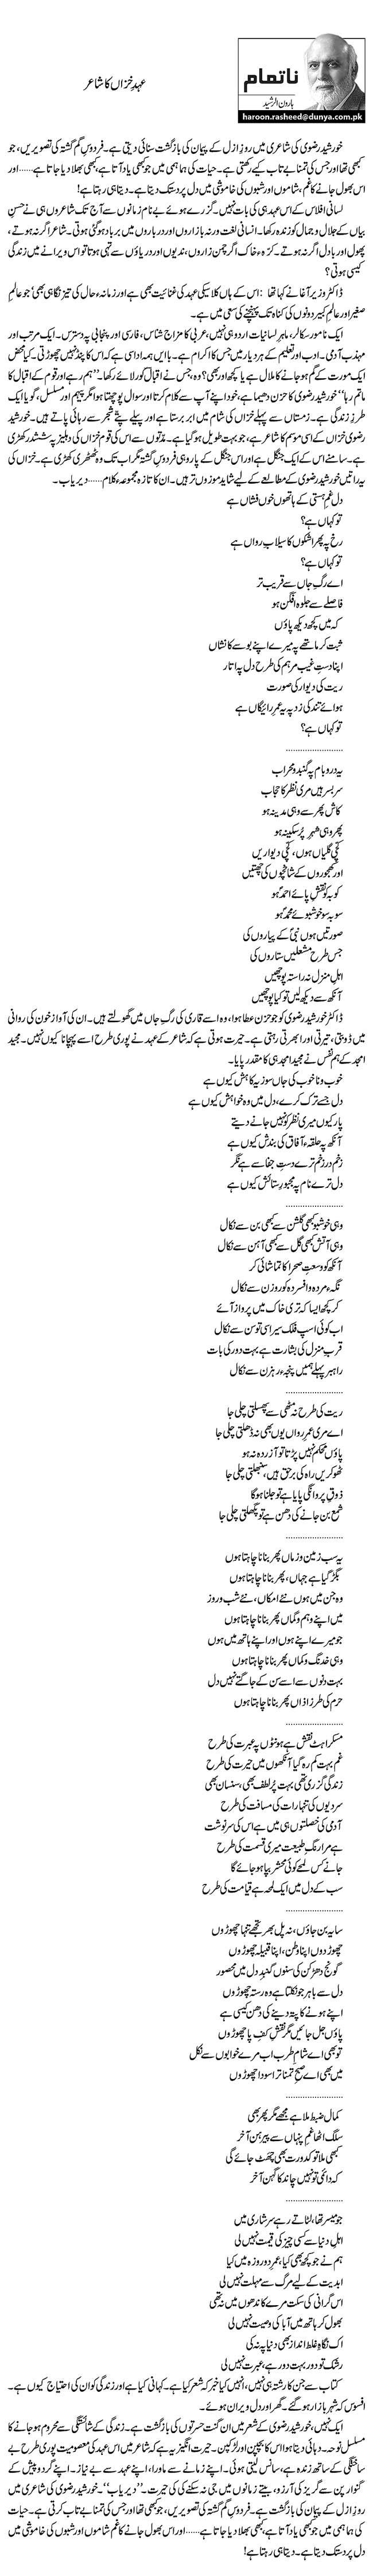 عہدِ خزاں کا شاعر